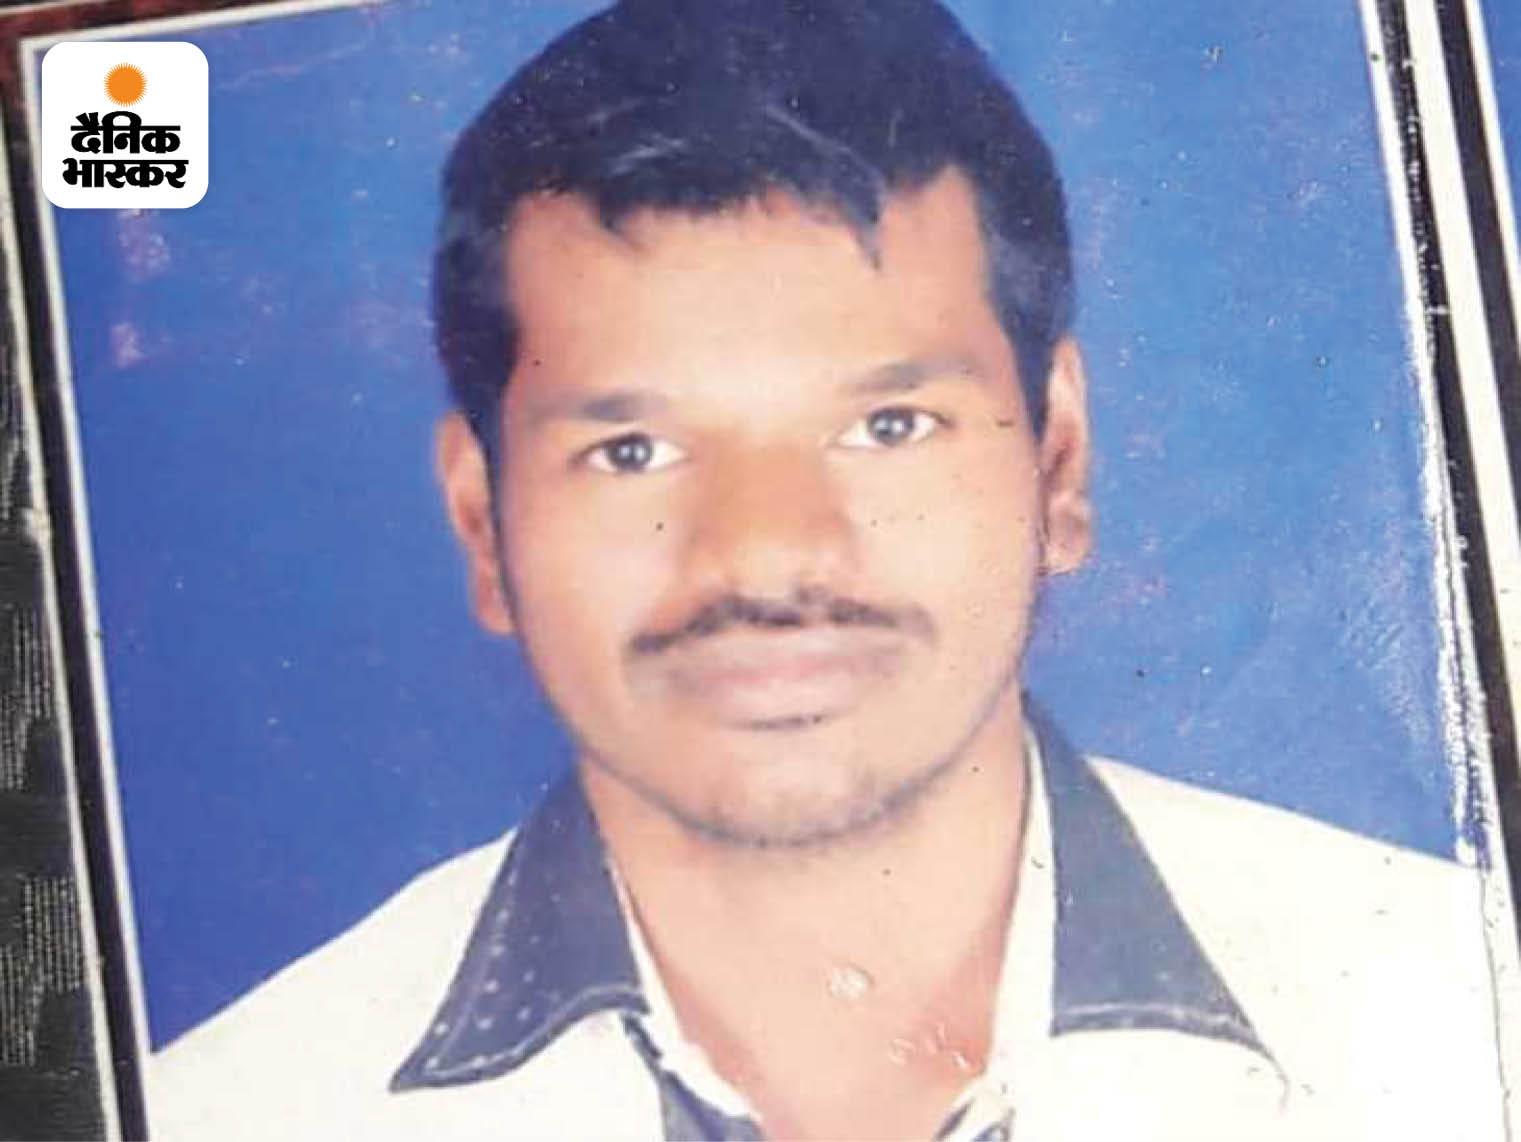 बारिश से बचने के लिए बस स्टॉप पर खड़े युवक को होर्डिंग से लगा करंट; पत्नी से कहा था- आ रहा हूं; पुलिस मौत की खबर लेकर पहुंची|इंदौर,Indore - Dainik Bhaskar